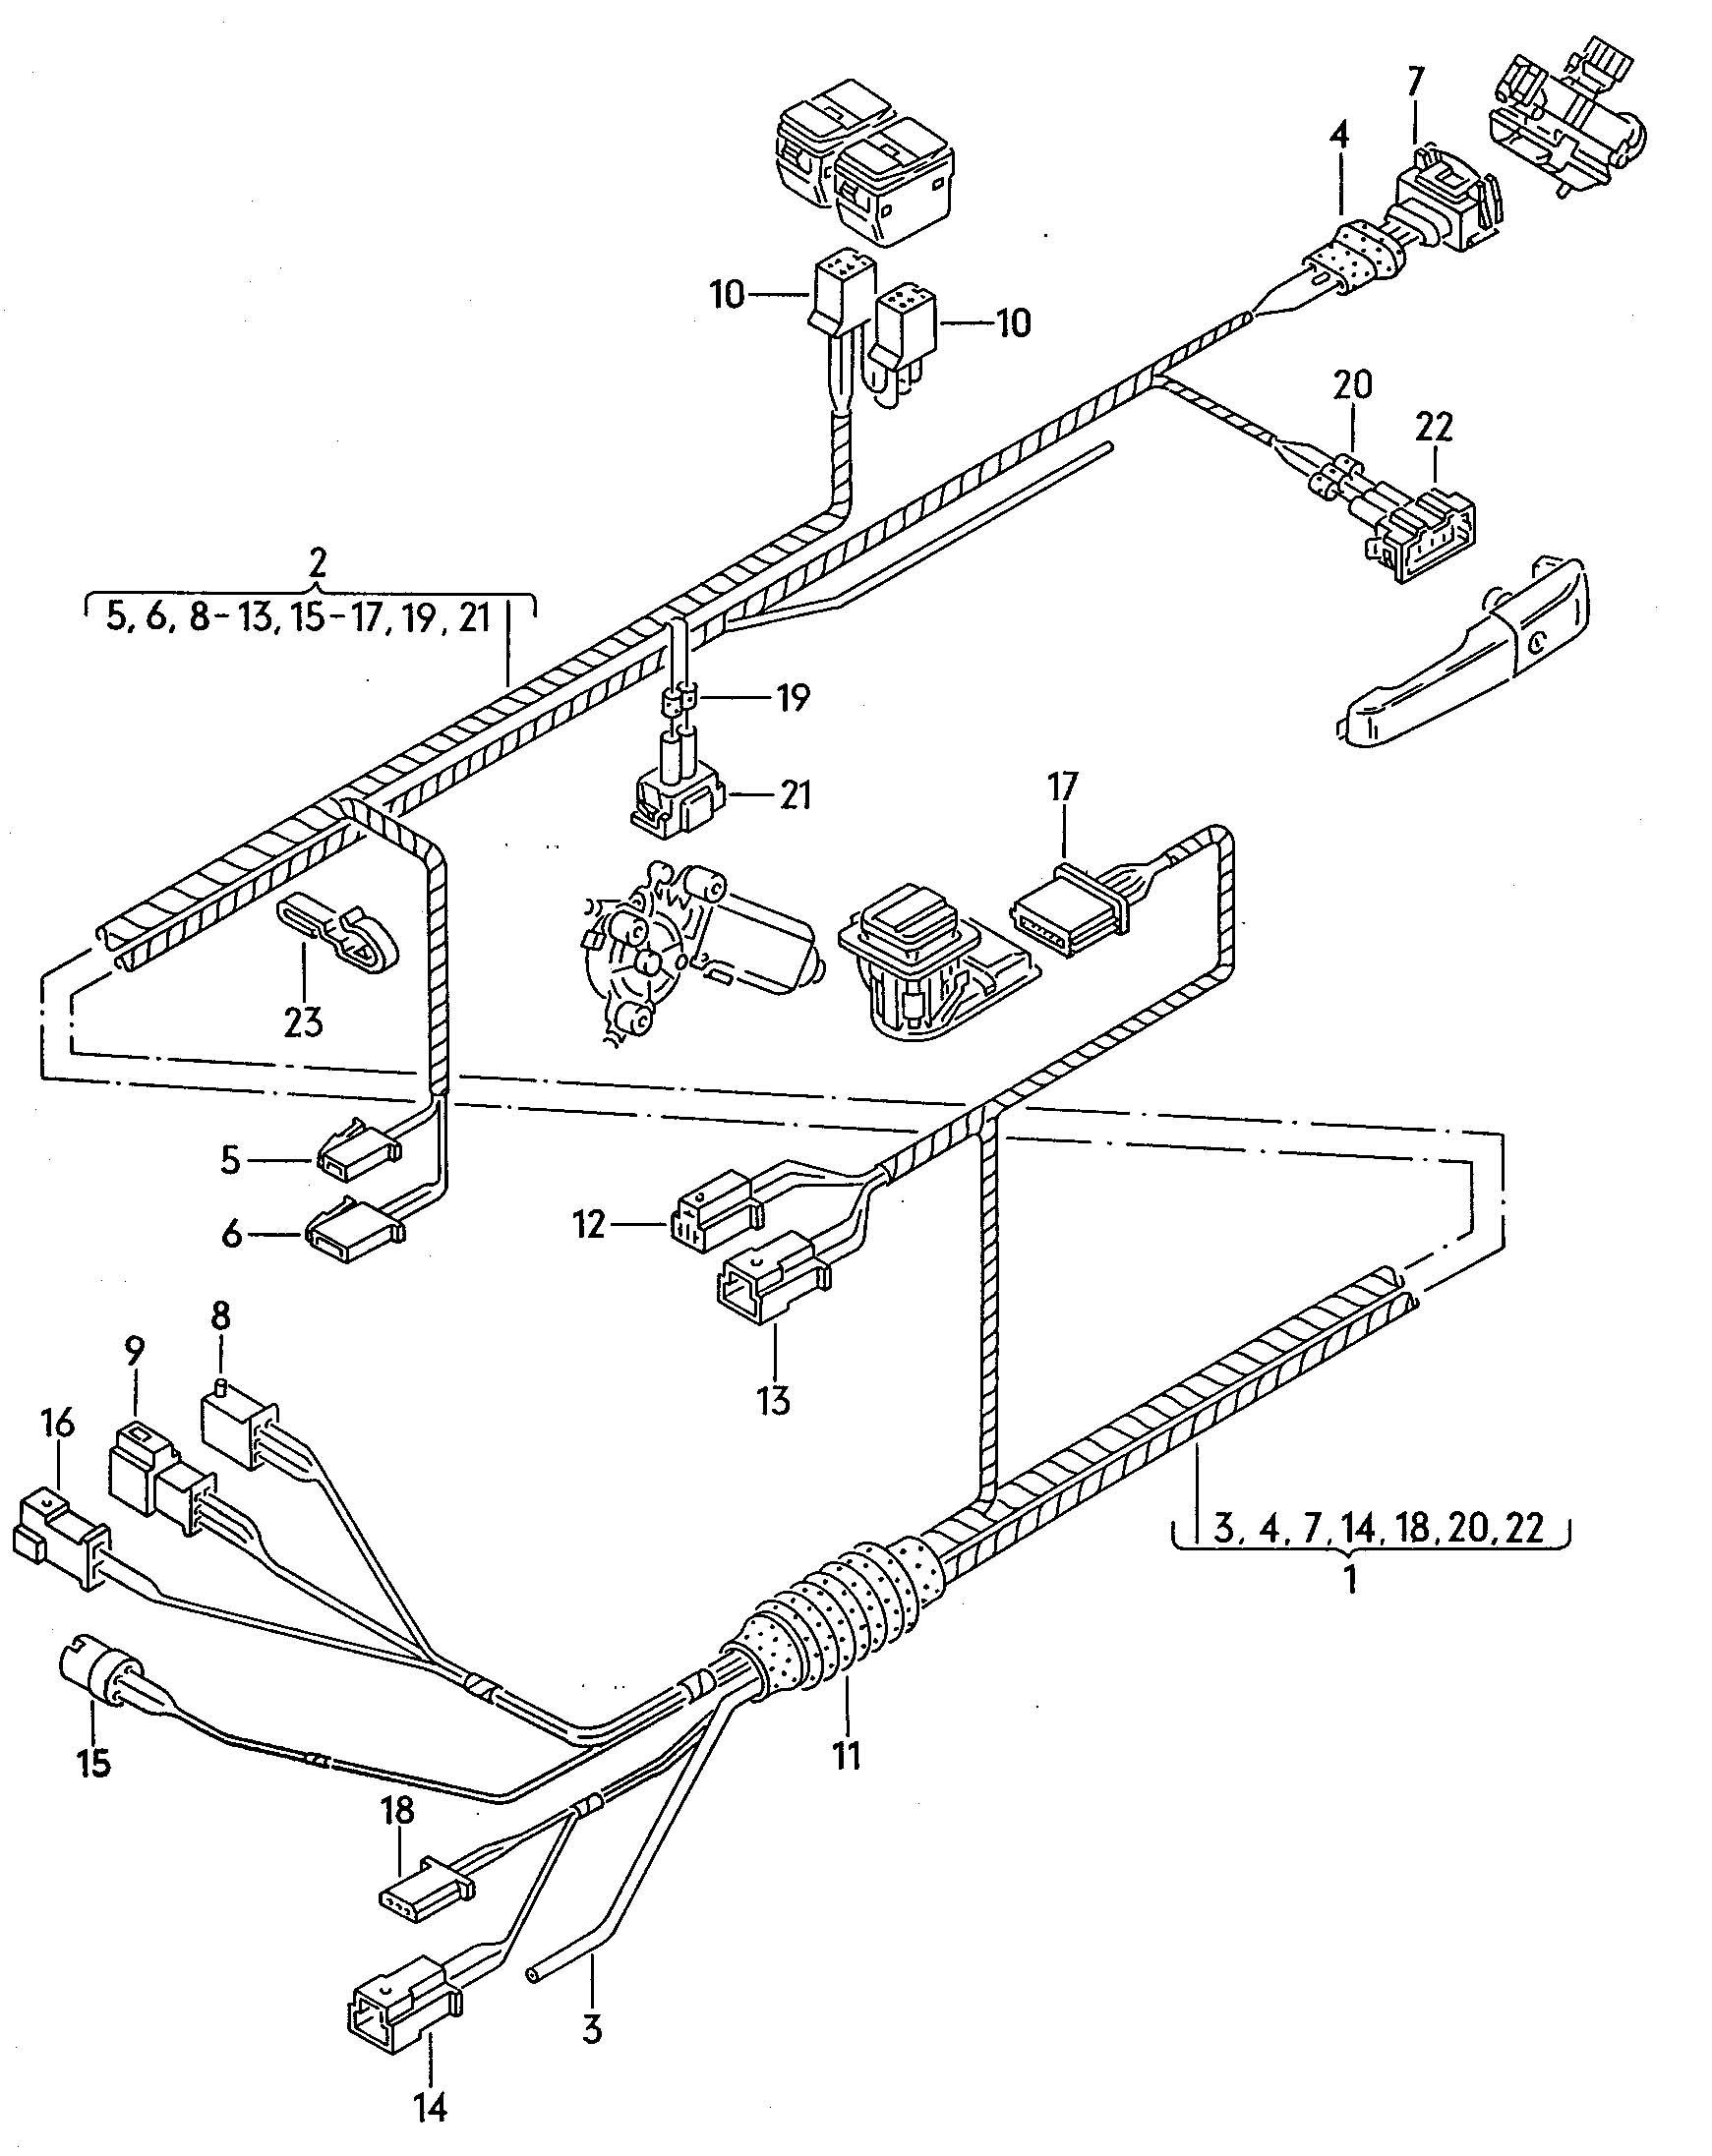 ge motor wiring diagrams images amp ukey make 1066 amp ukey model 15552 on golf cart throttle wiring